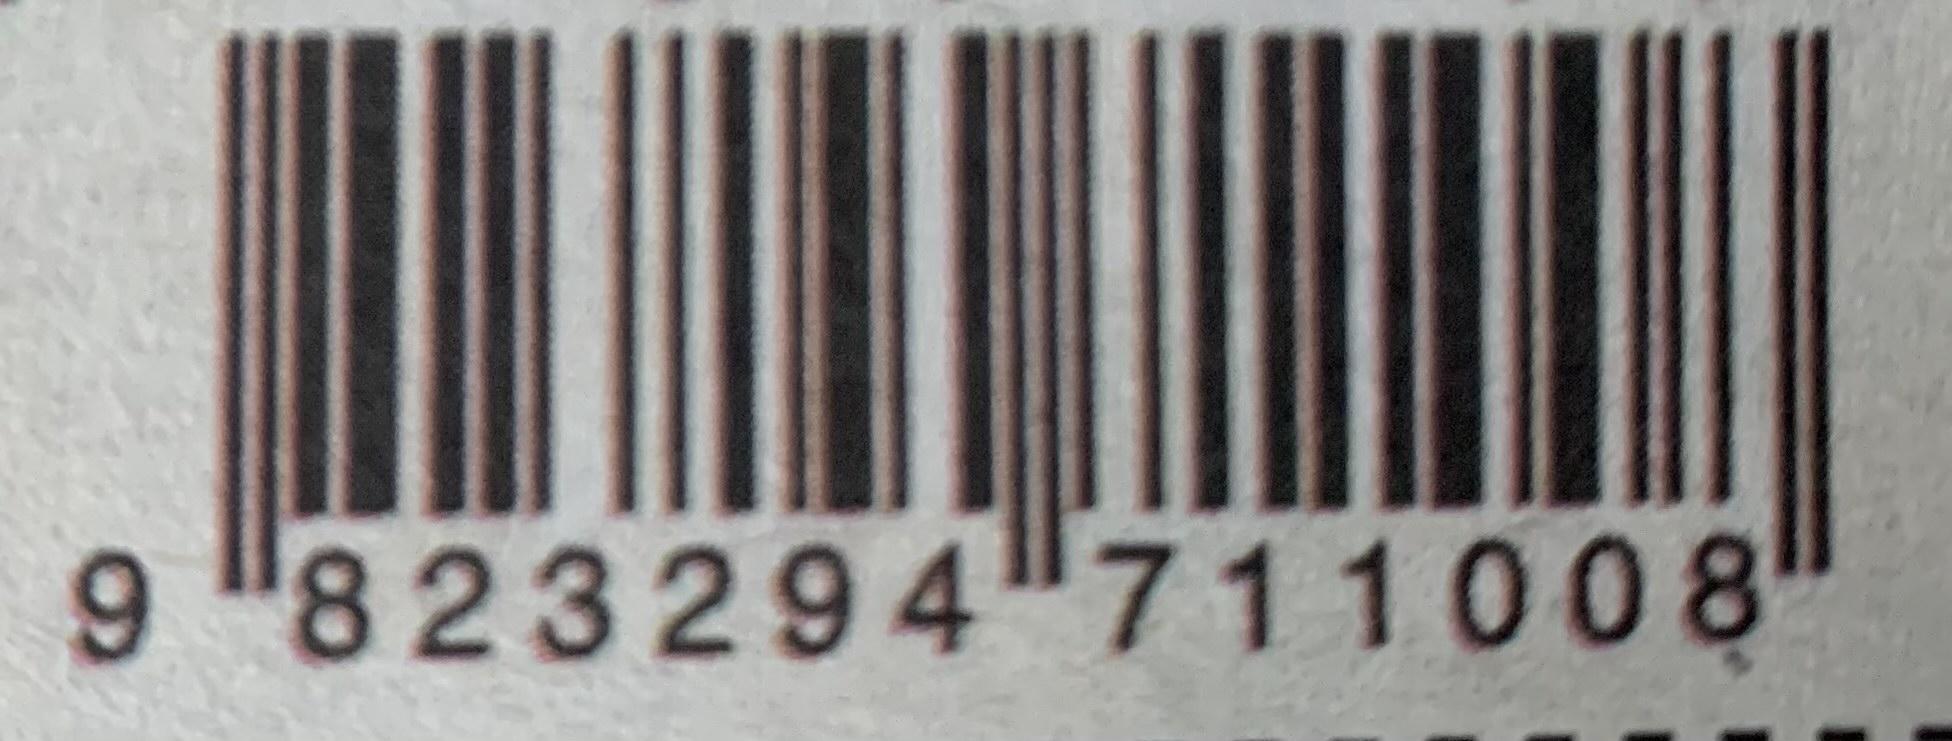 1739818.jpg